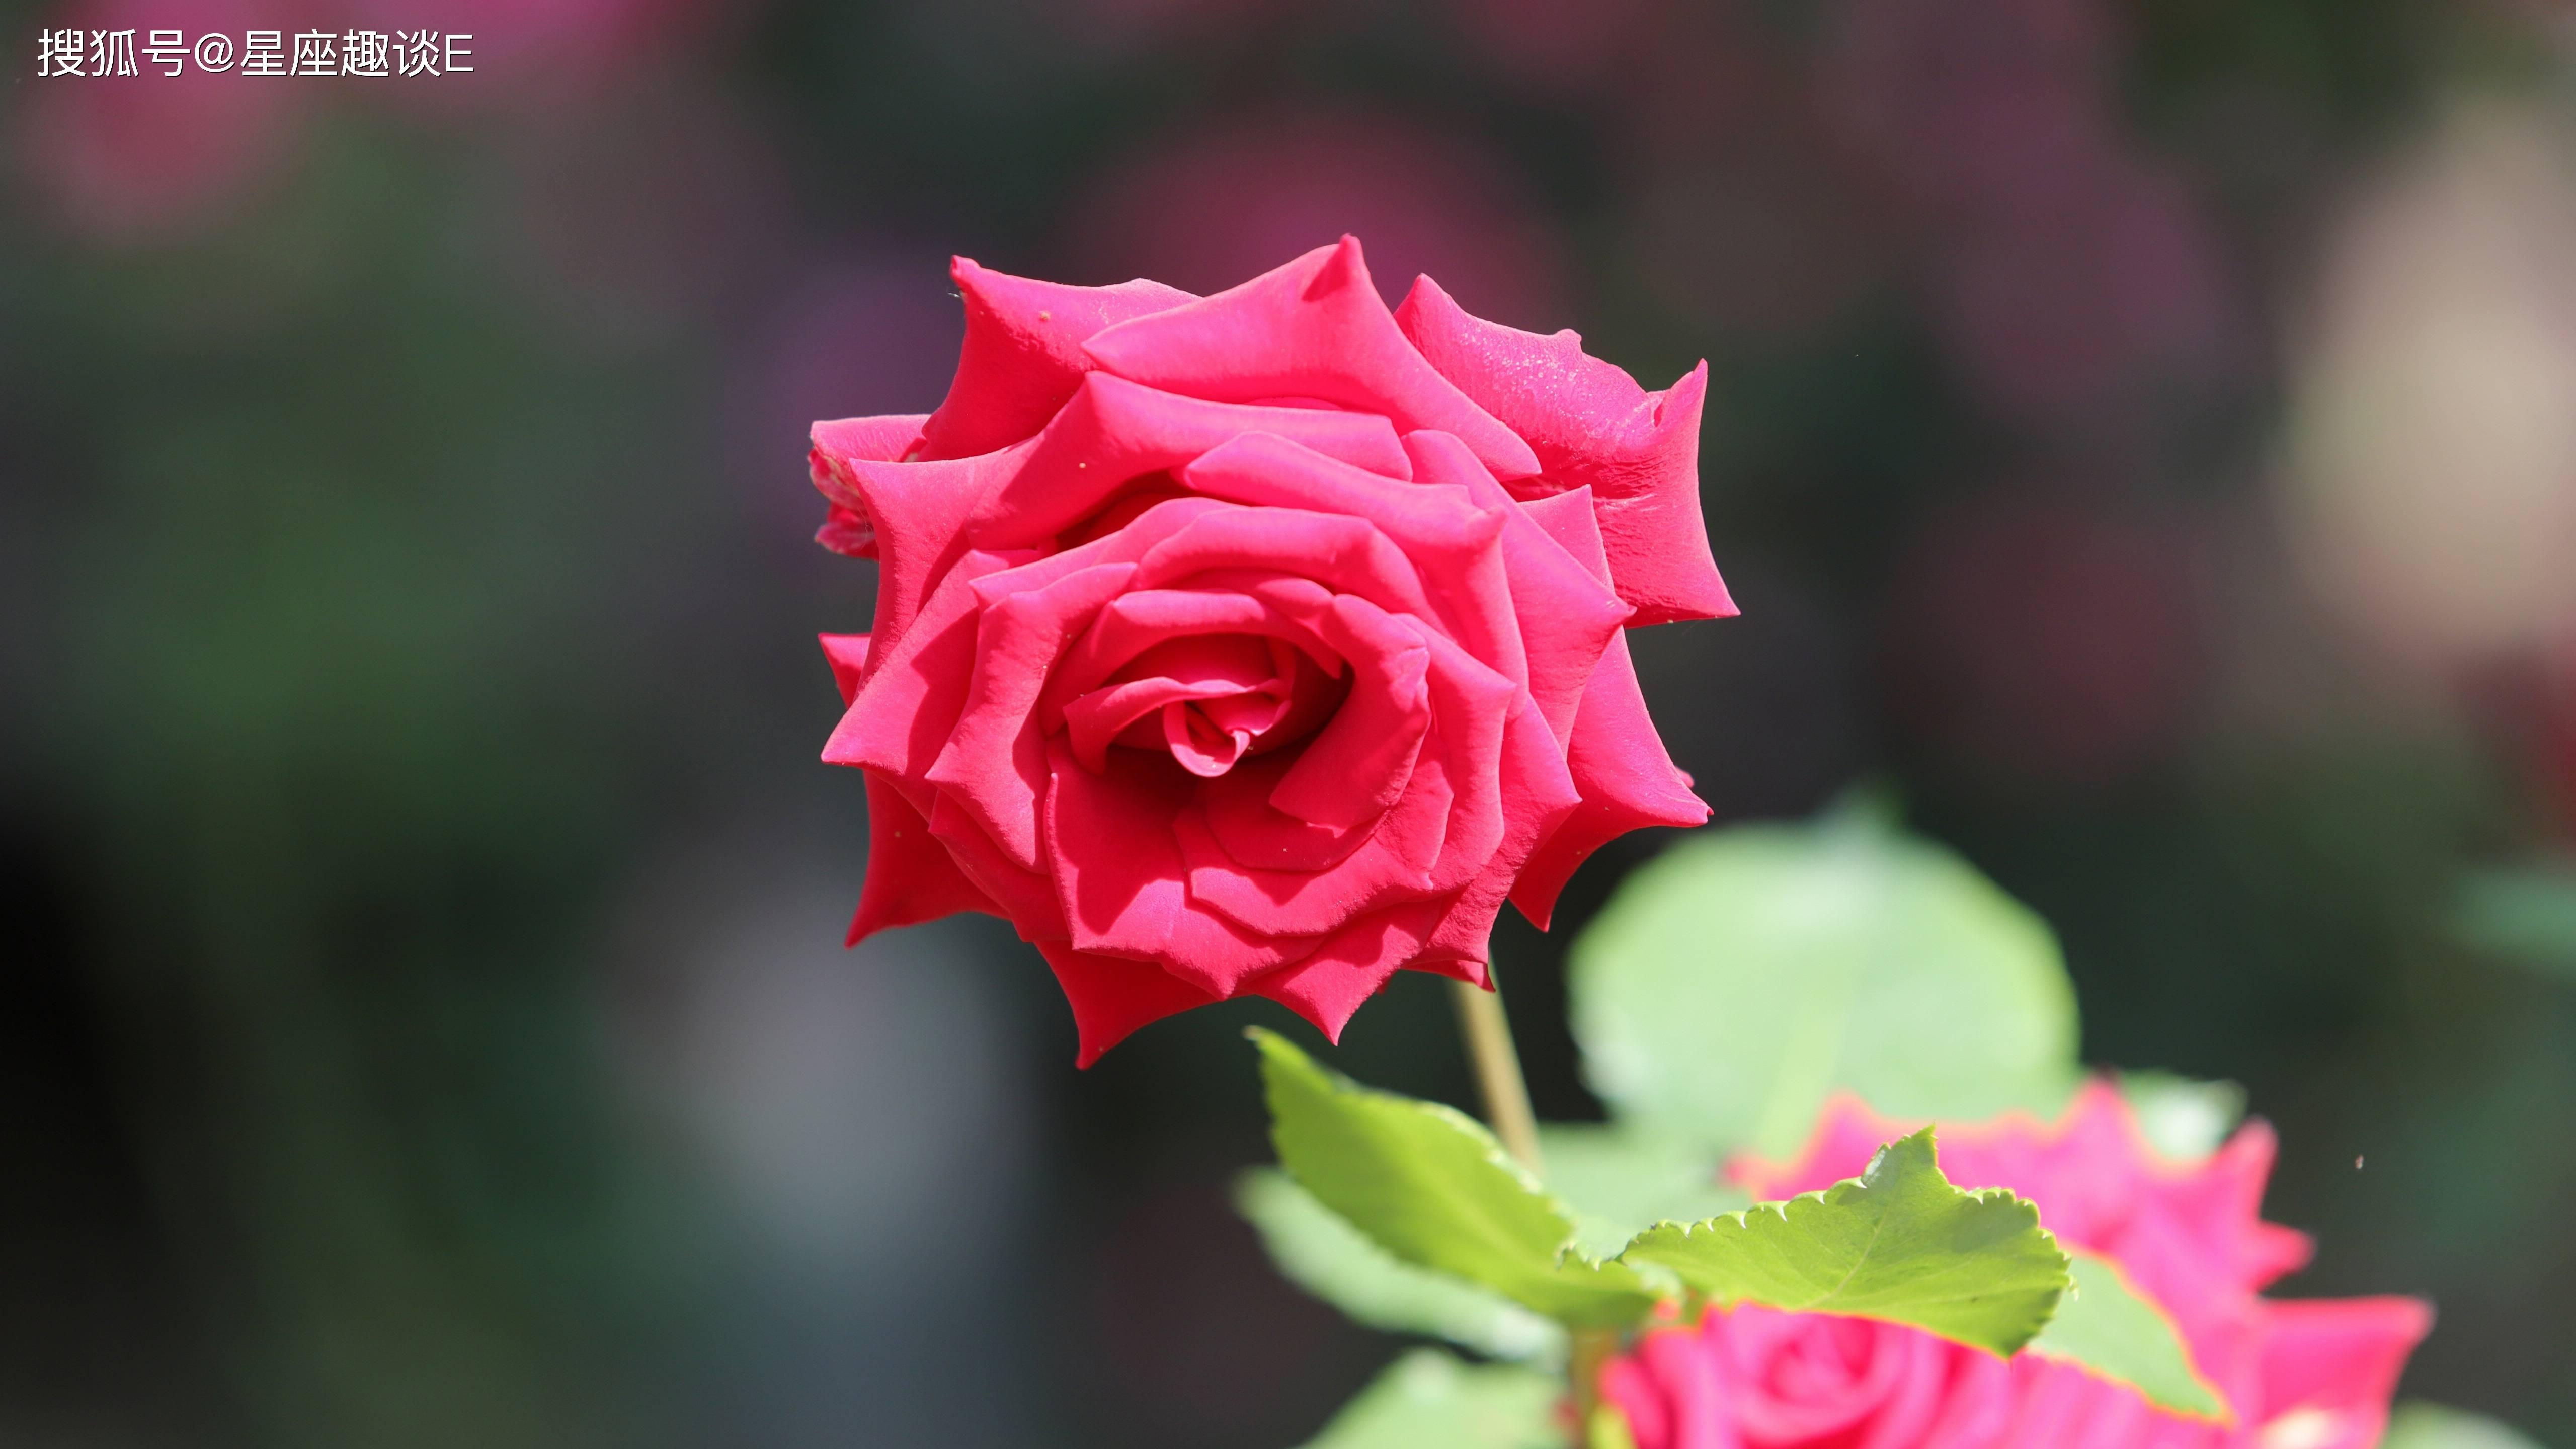 从10月份发端,桃花开放,为爱执着,联袂甜蜜的三大星座